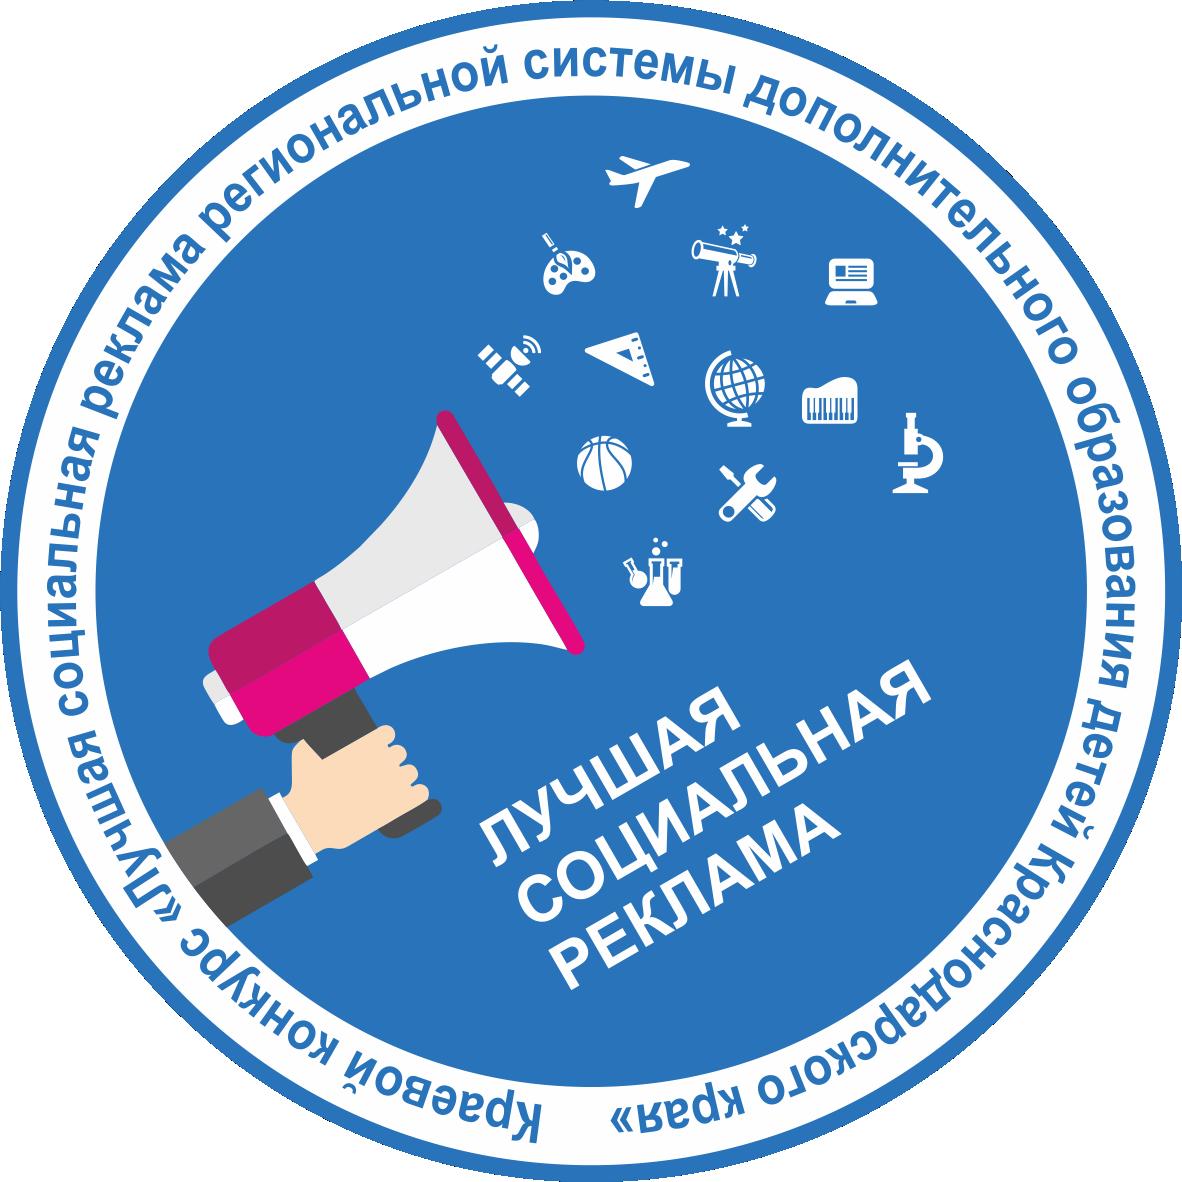 Лучшая социальная реклама региональной системы дополнительного образования Краснодарского края